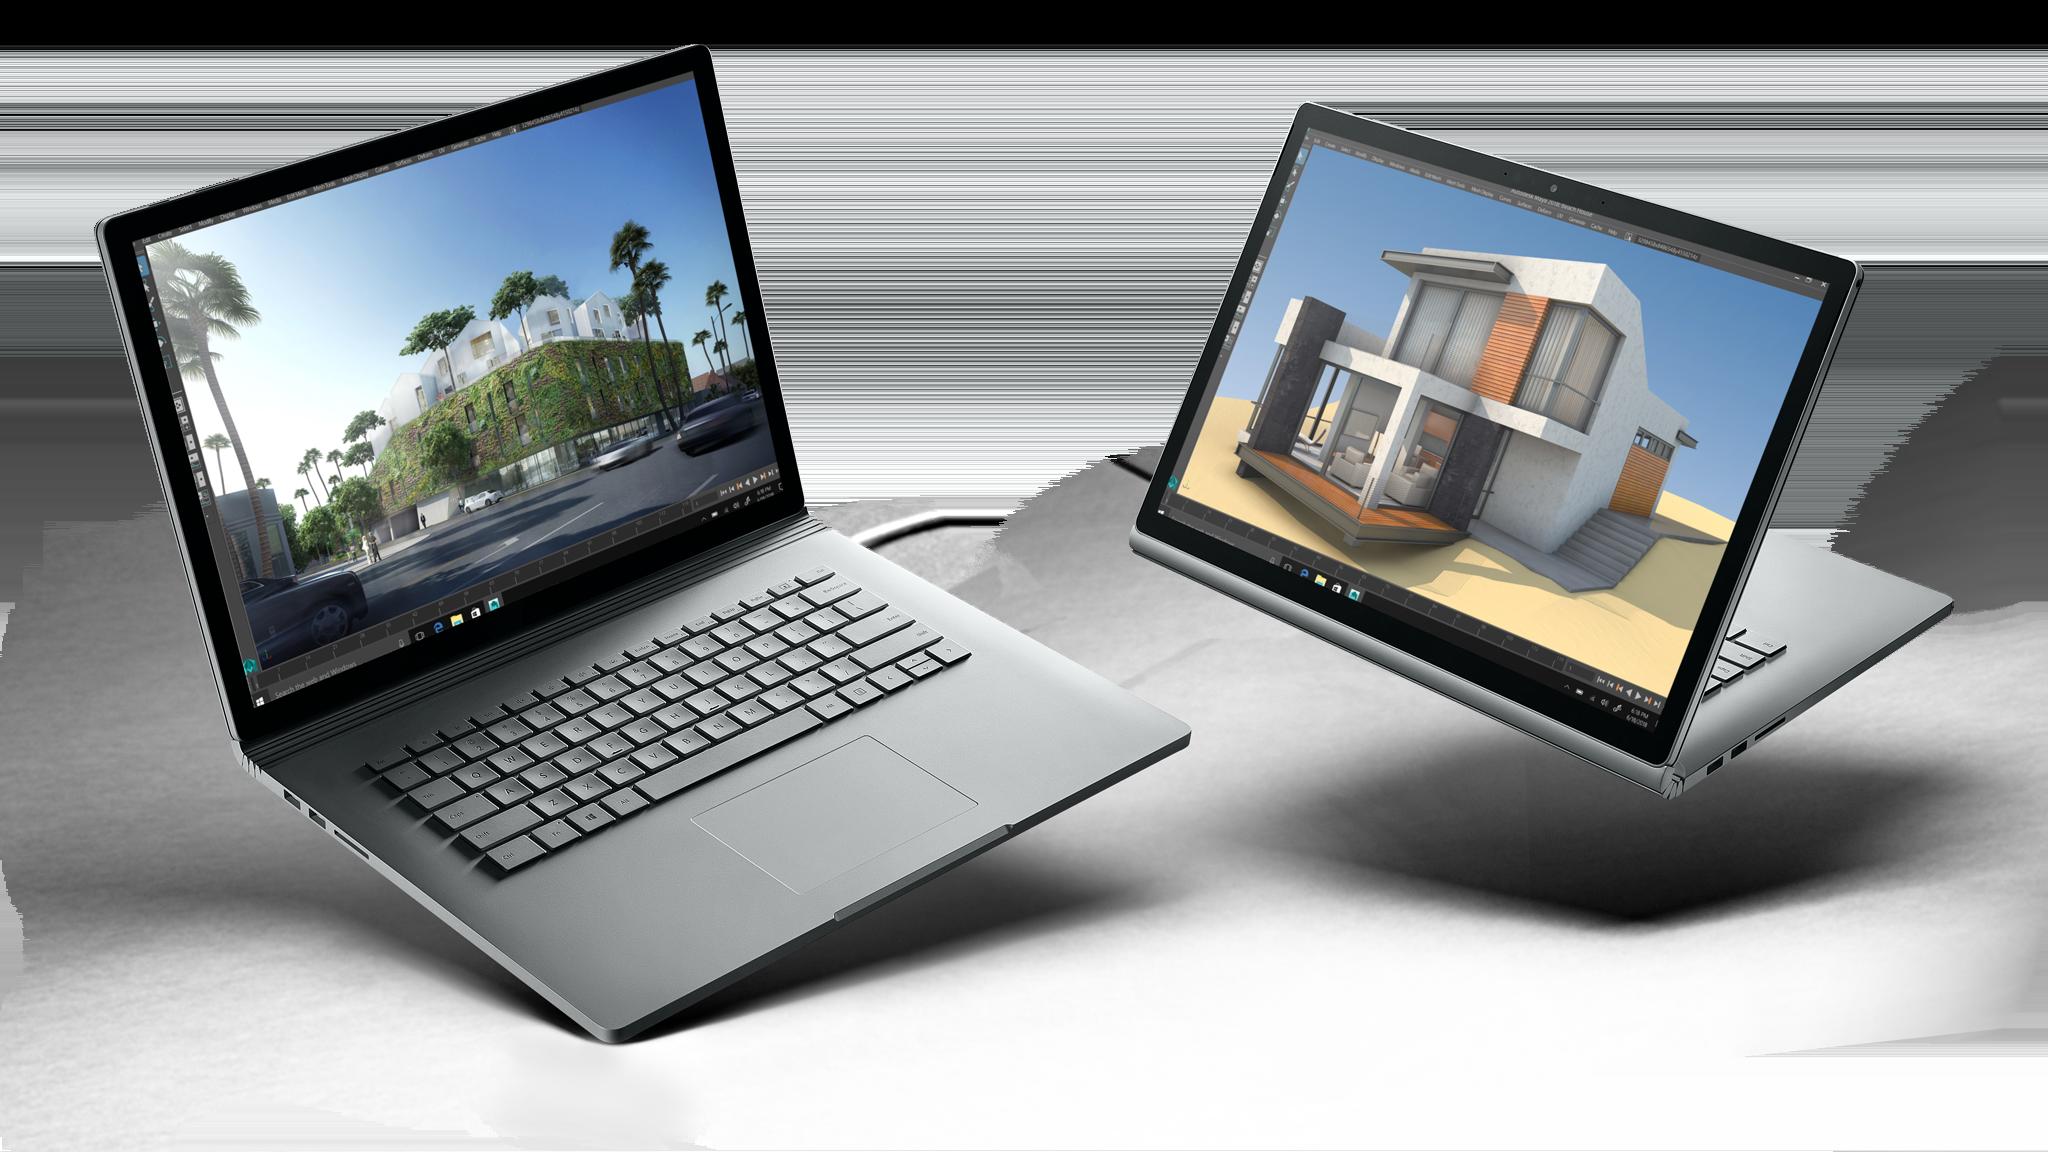 13.5 英寸版本 Surface Book 2 与 15 英寸版本 Surface Book 2 并排放置。